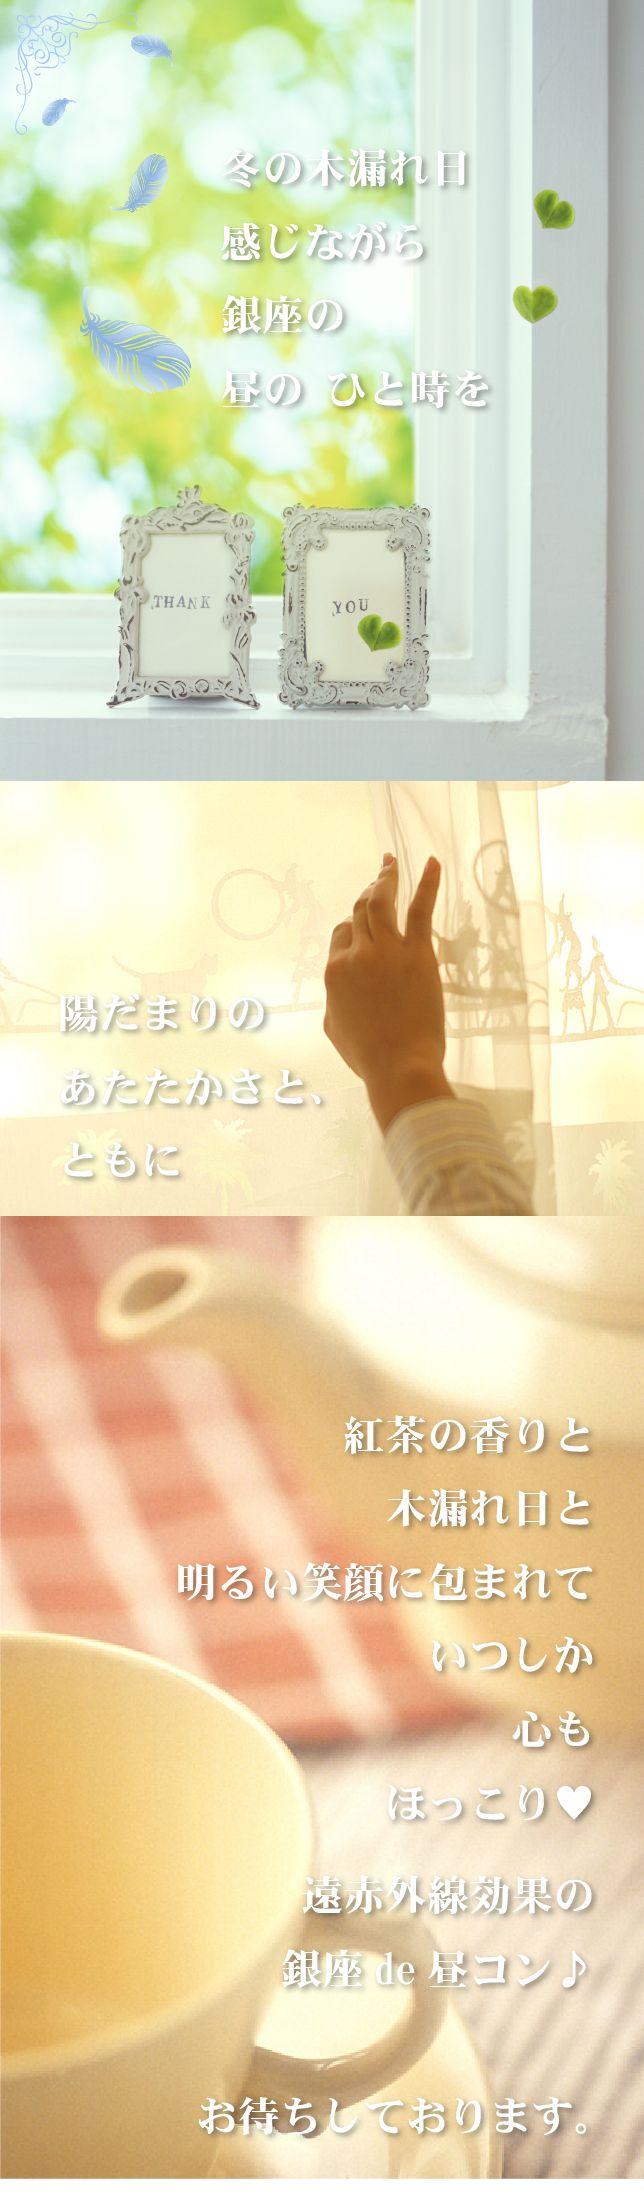 01_ginza-hirukon_01